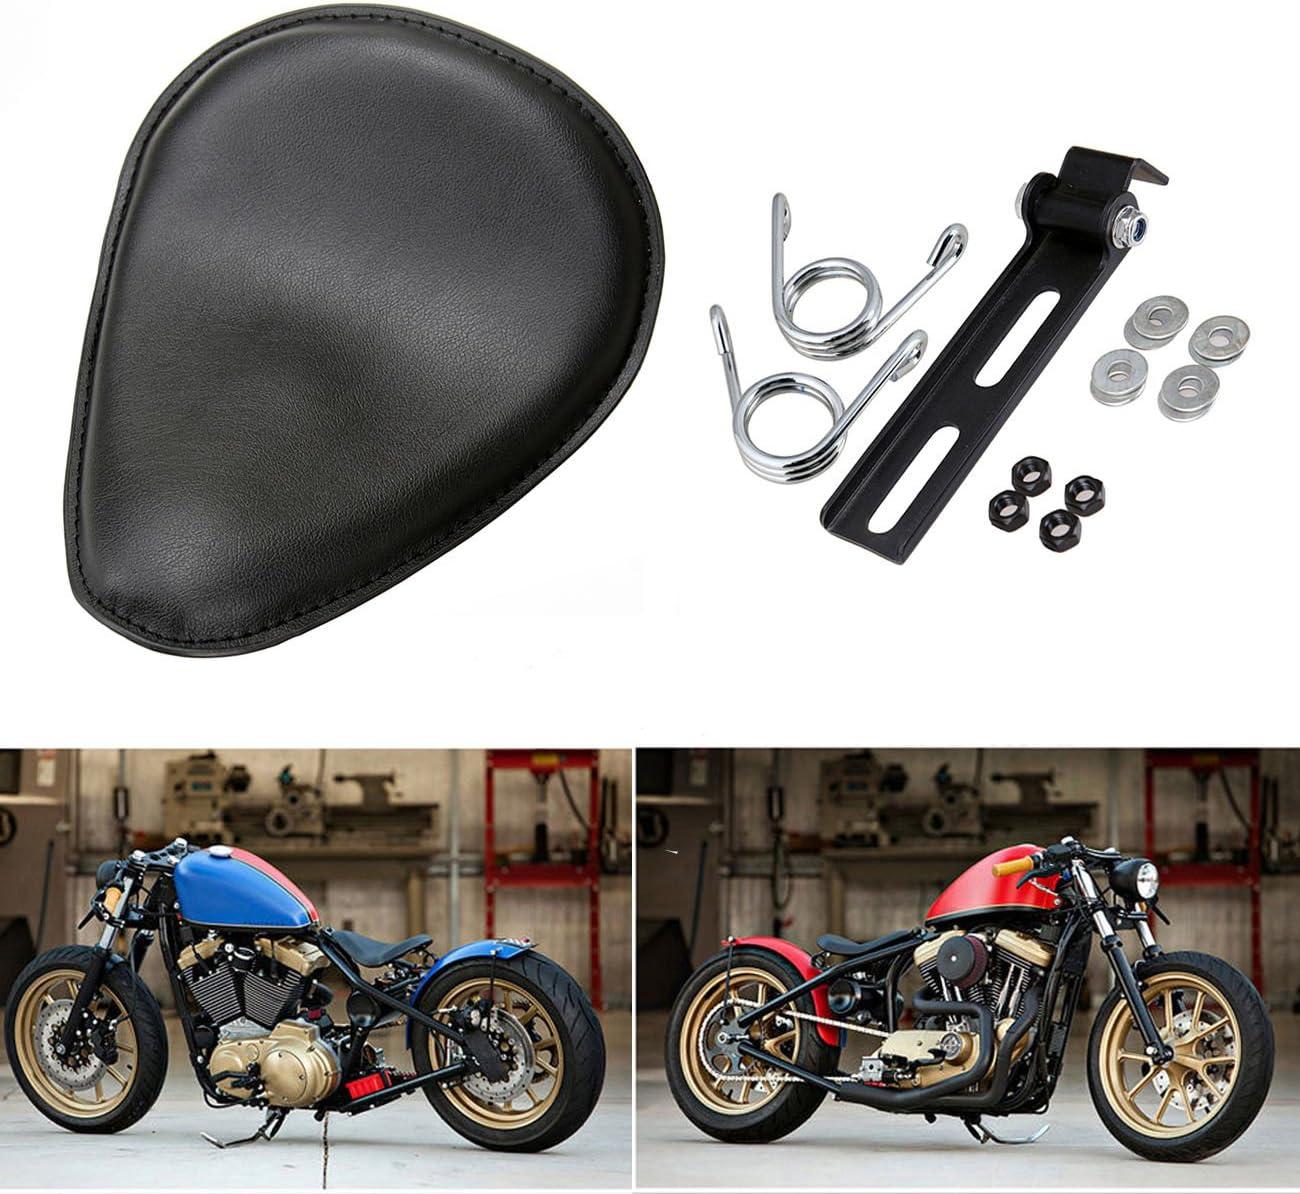 Solo Seat 3 INCH Springs Mounting Bracket Kit For Harley Bobber Chopper Custom